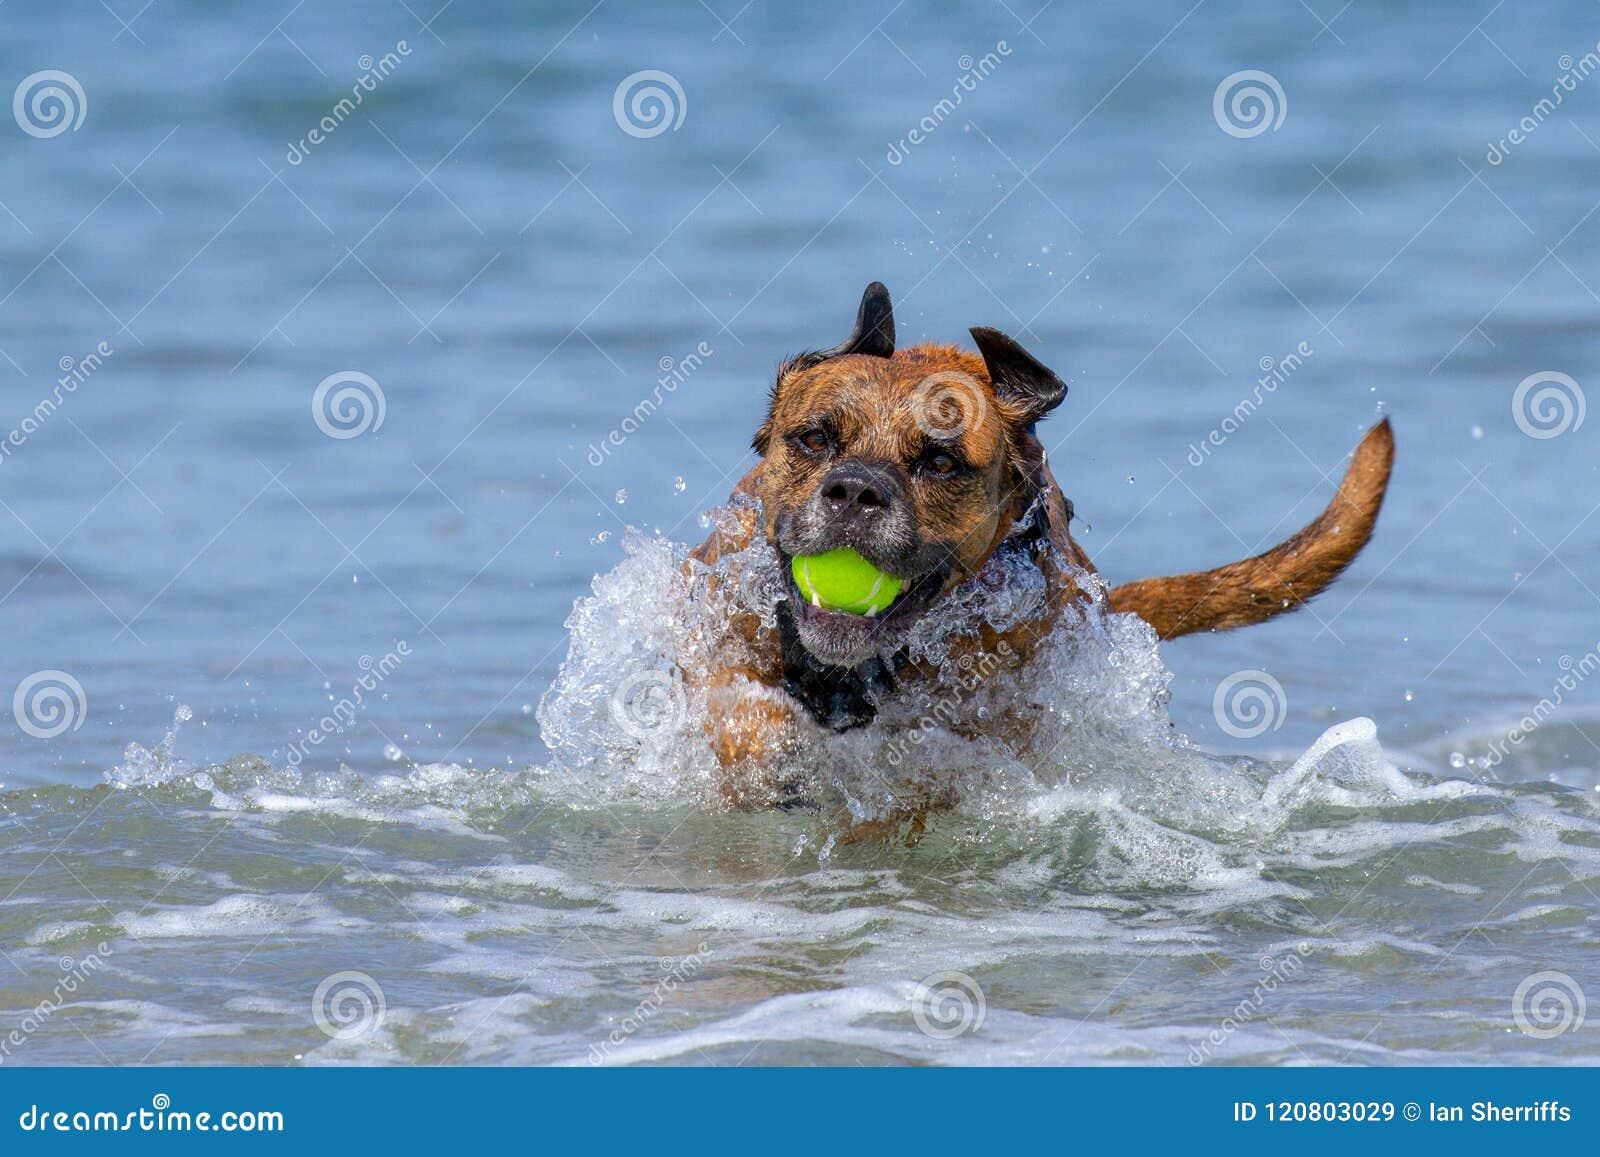 Happy Dog playing fetch on a seaside sandy beach